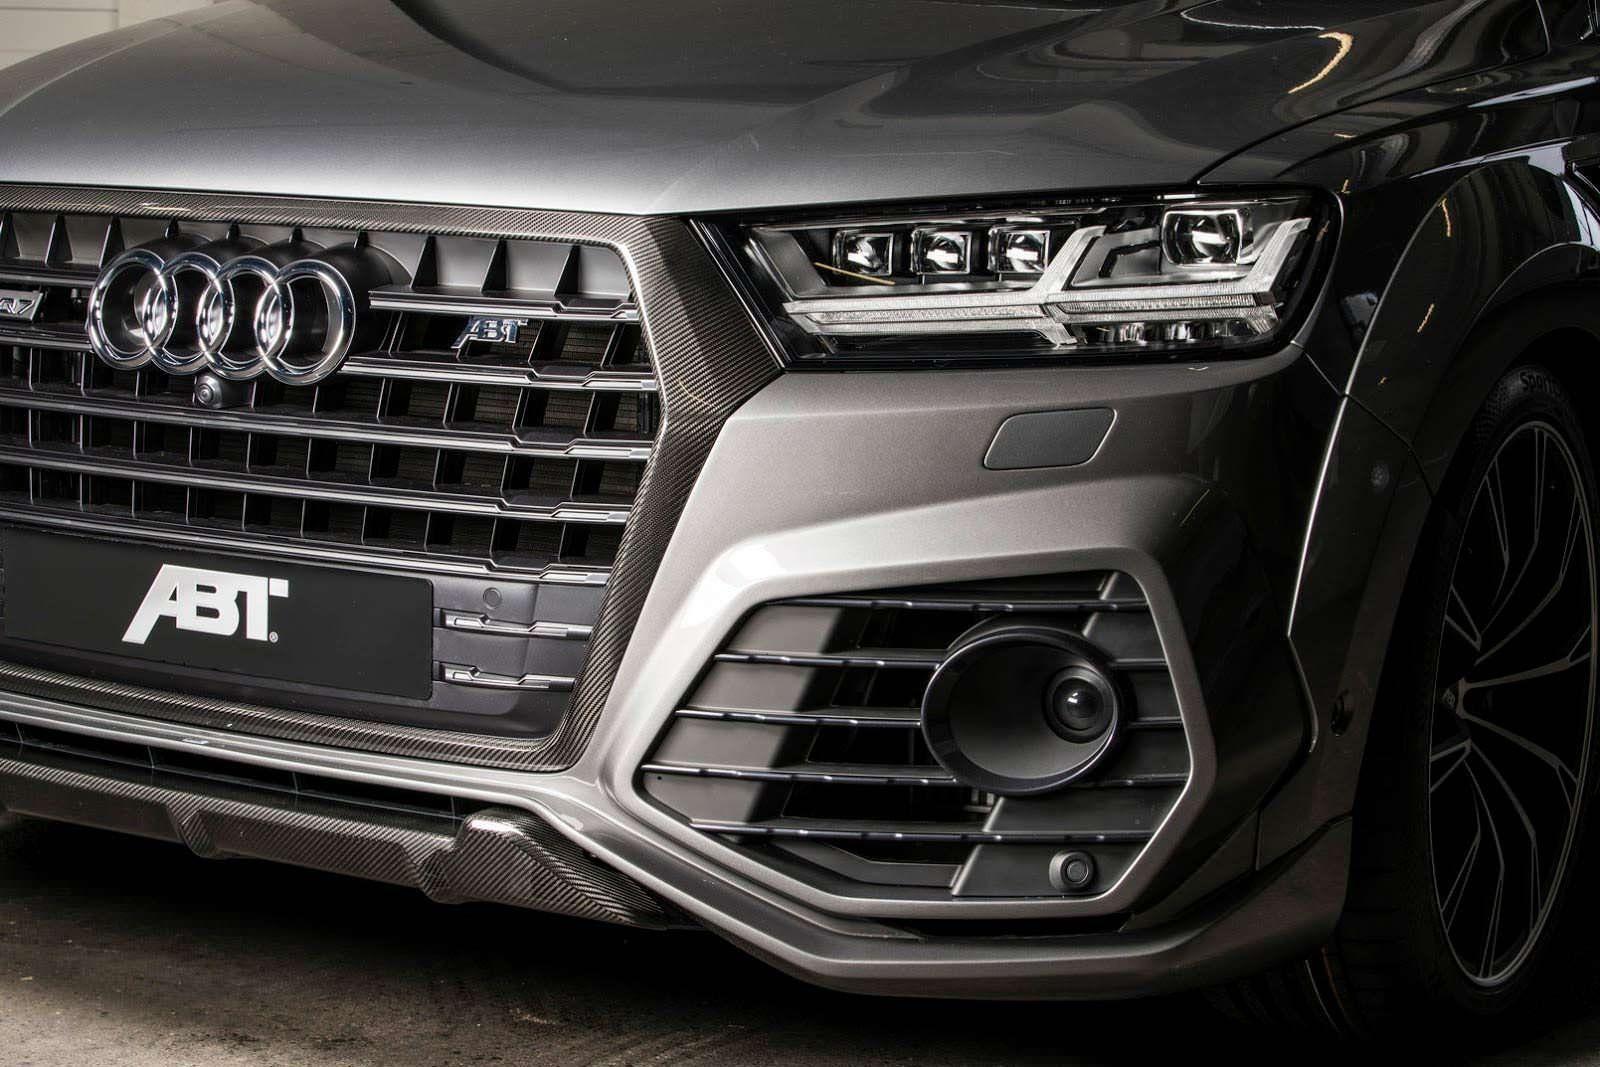 Ауди к 2023г. планирует торговать в«Поднебесной» 1,2 млн автомобилей